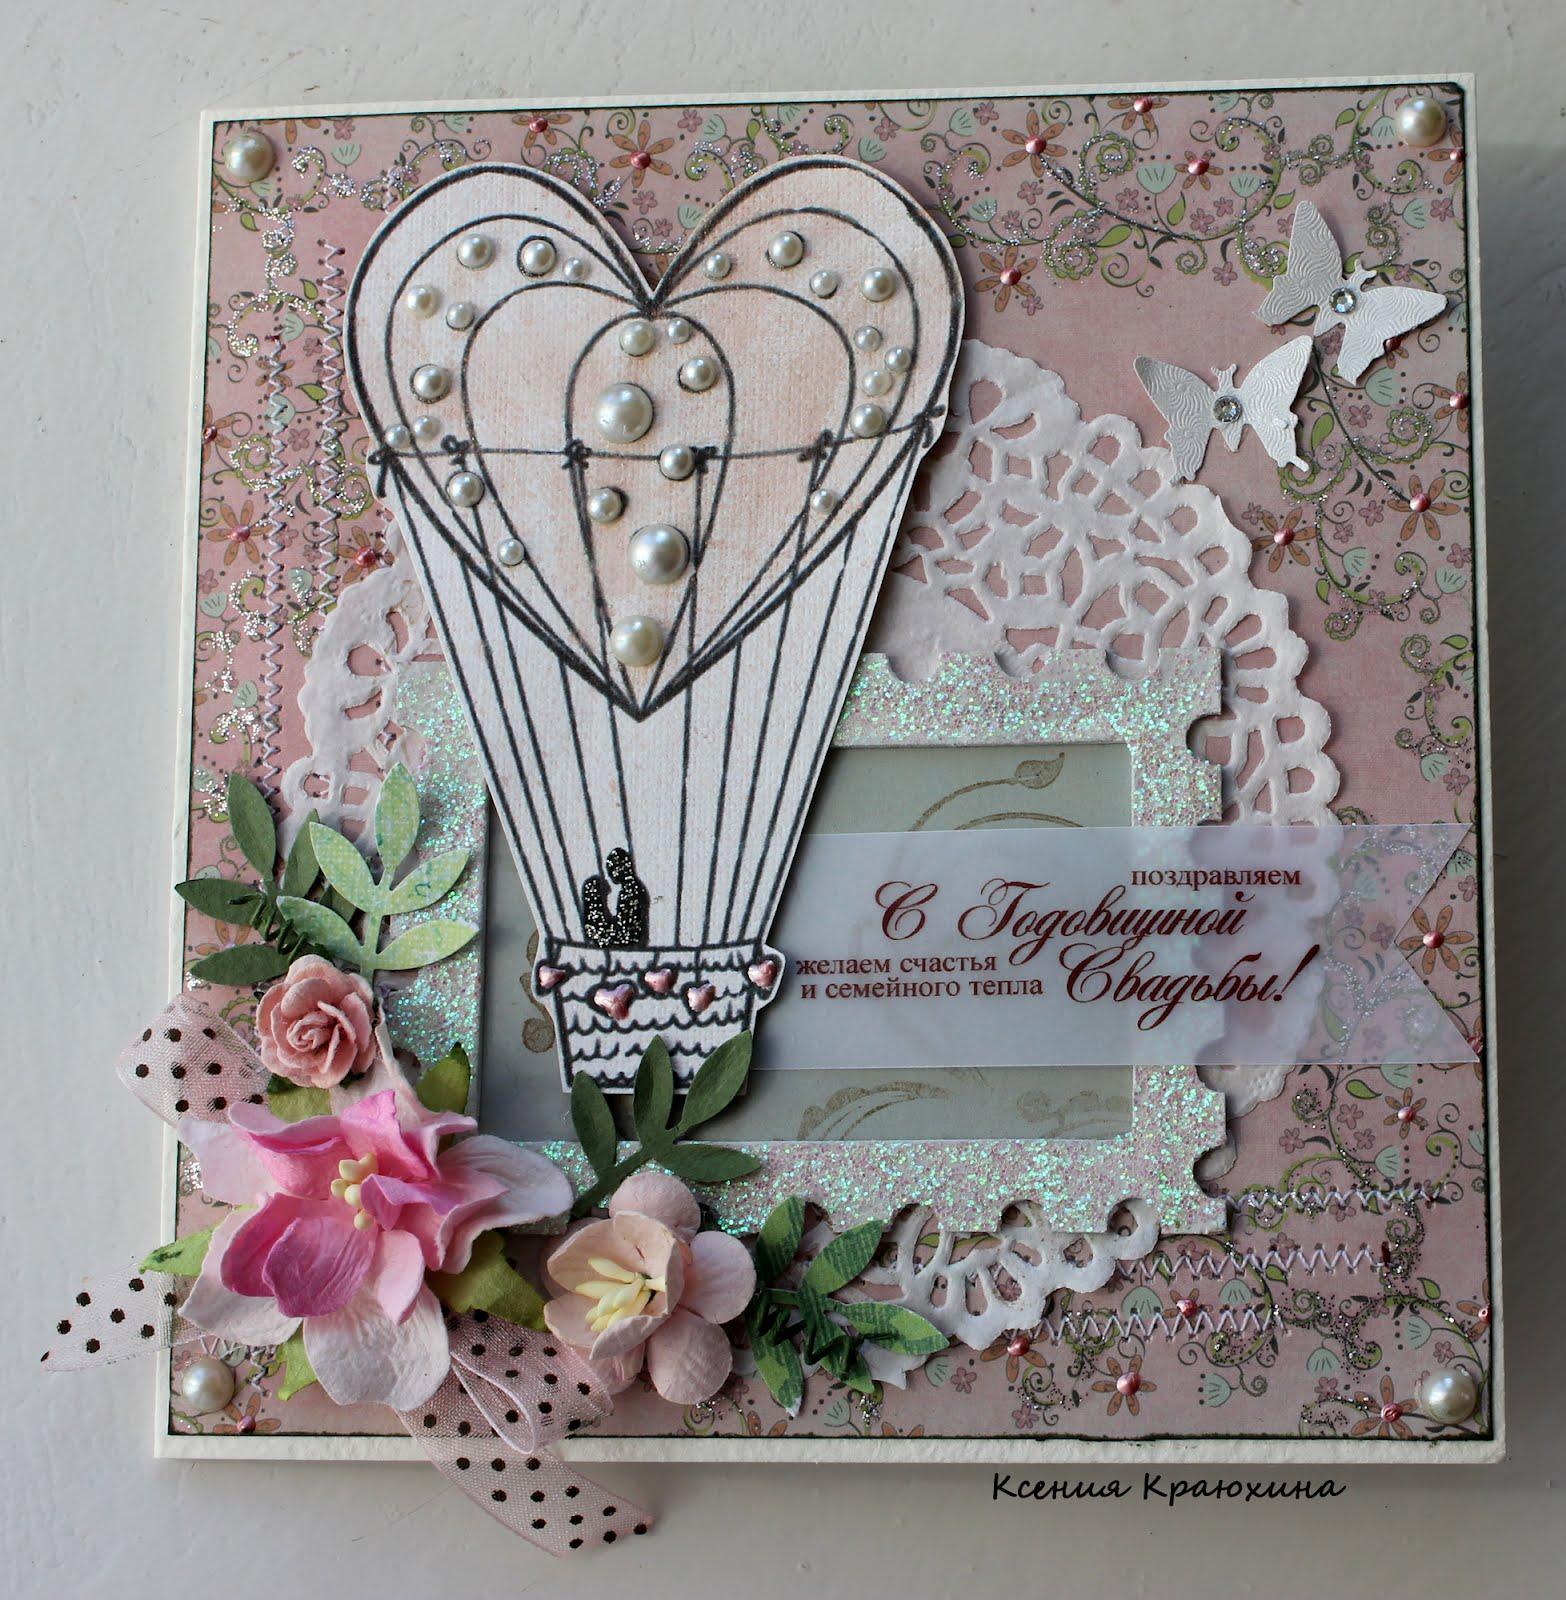 Годовщина свадьбы 1 год открытки своими руками